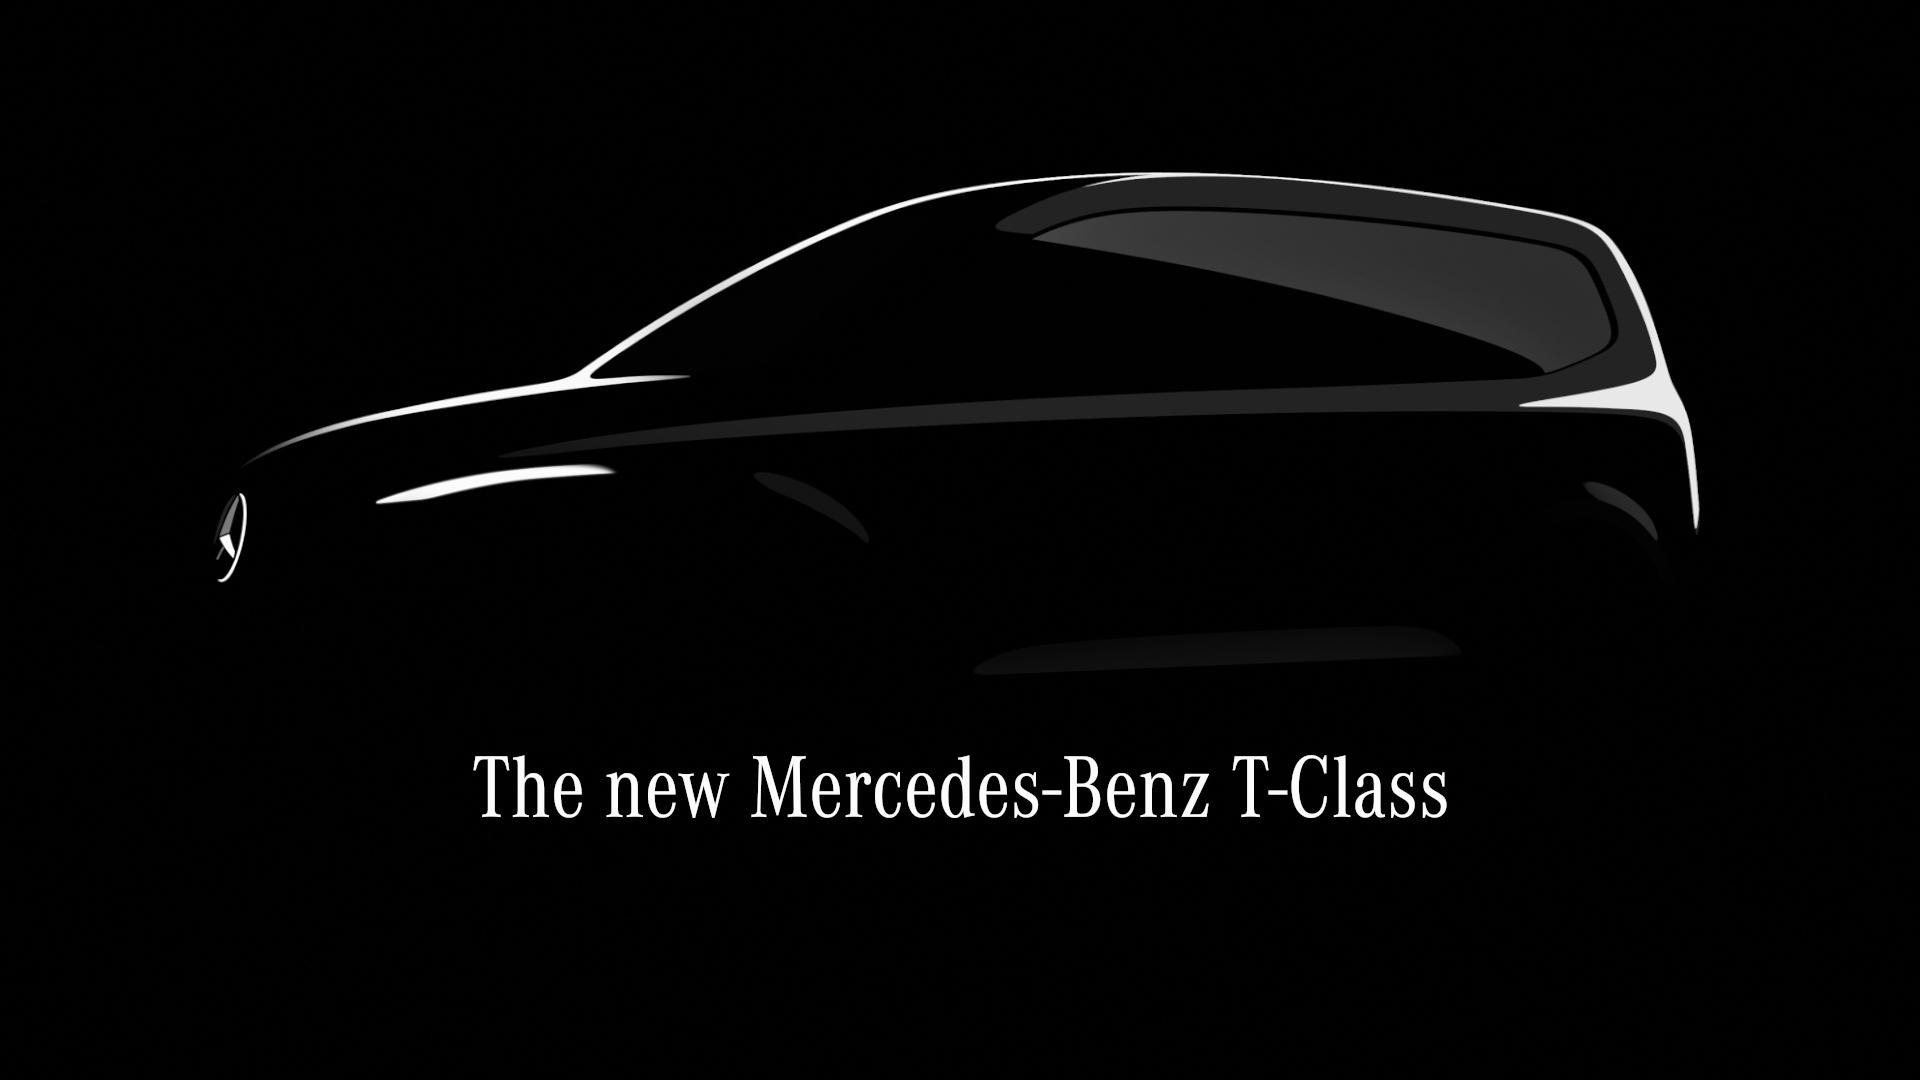 [Imagen: Die-neue-Mercedes-Benz-T-Klasse-The-new-...-Class.jpg]